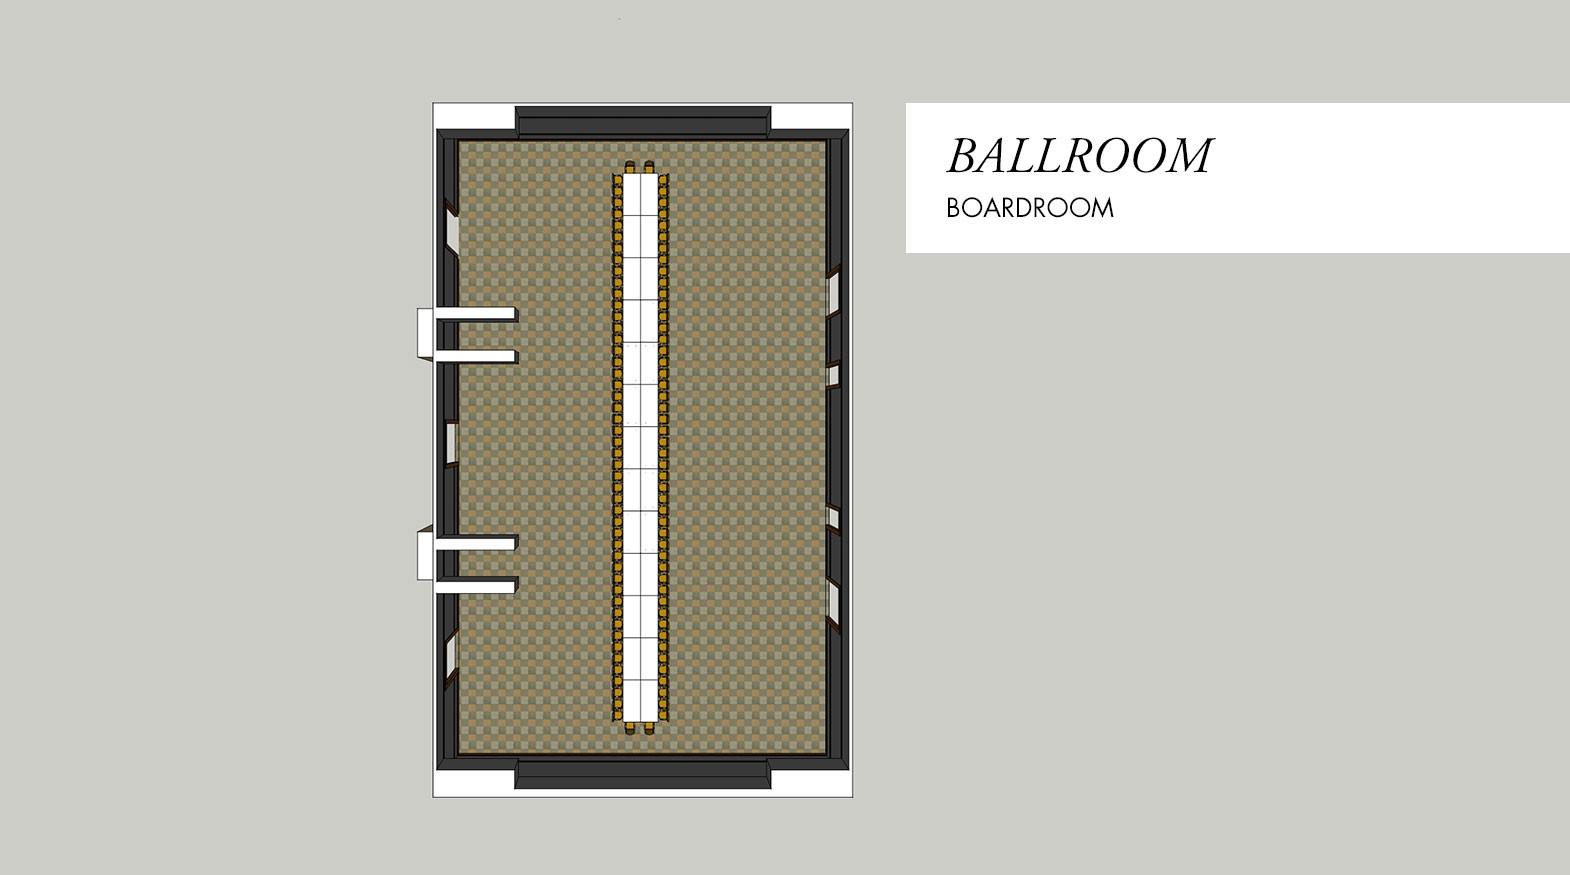 ballroom-boardroom.jpg